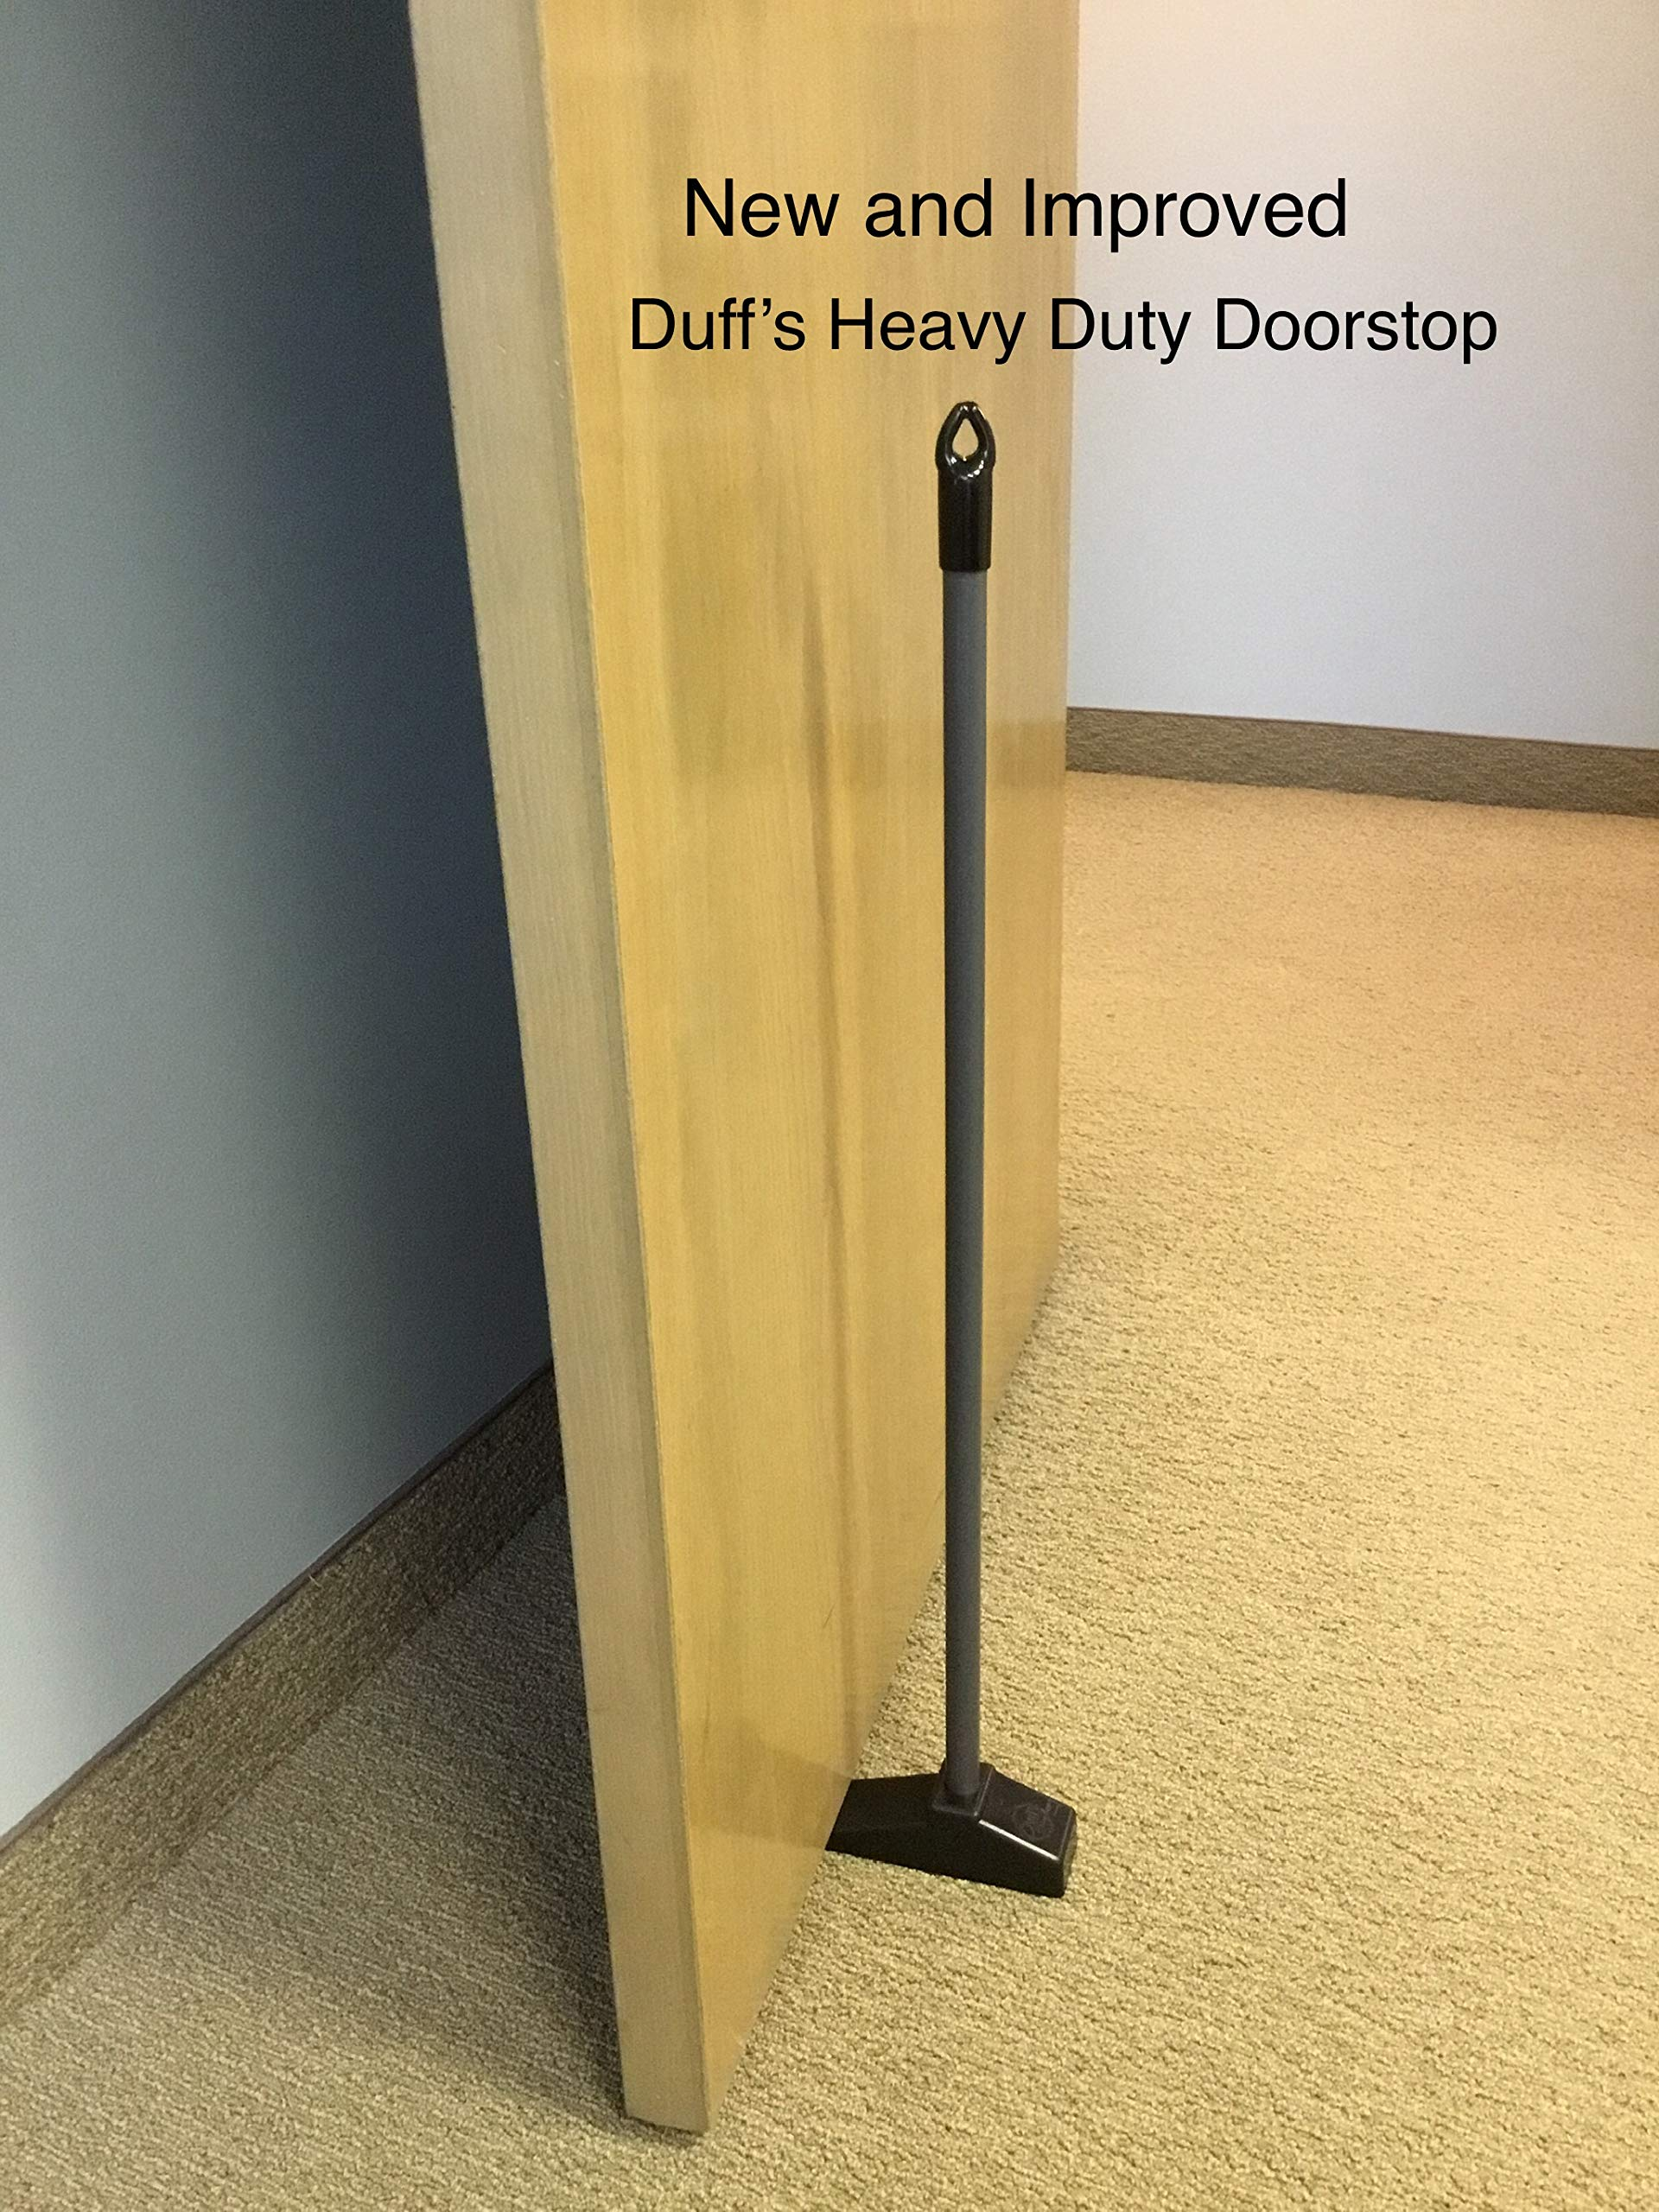 Duffs Heavy Duty Doorstop